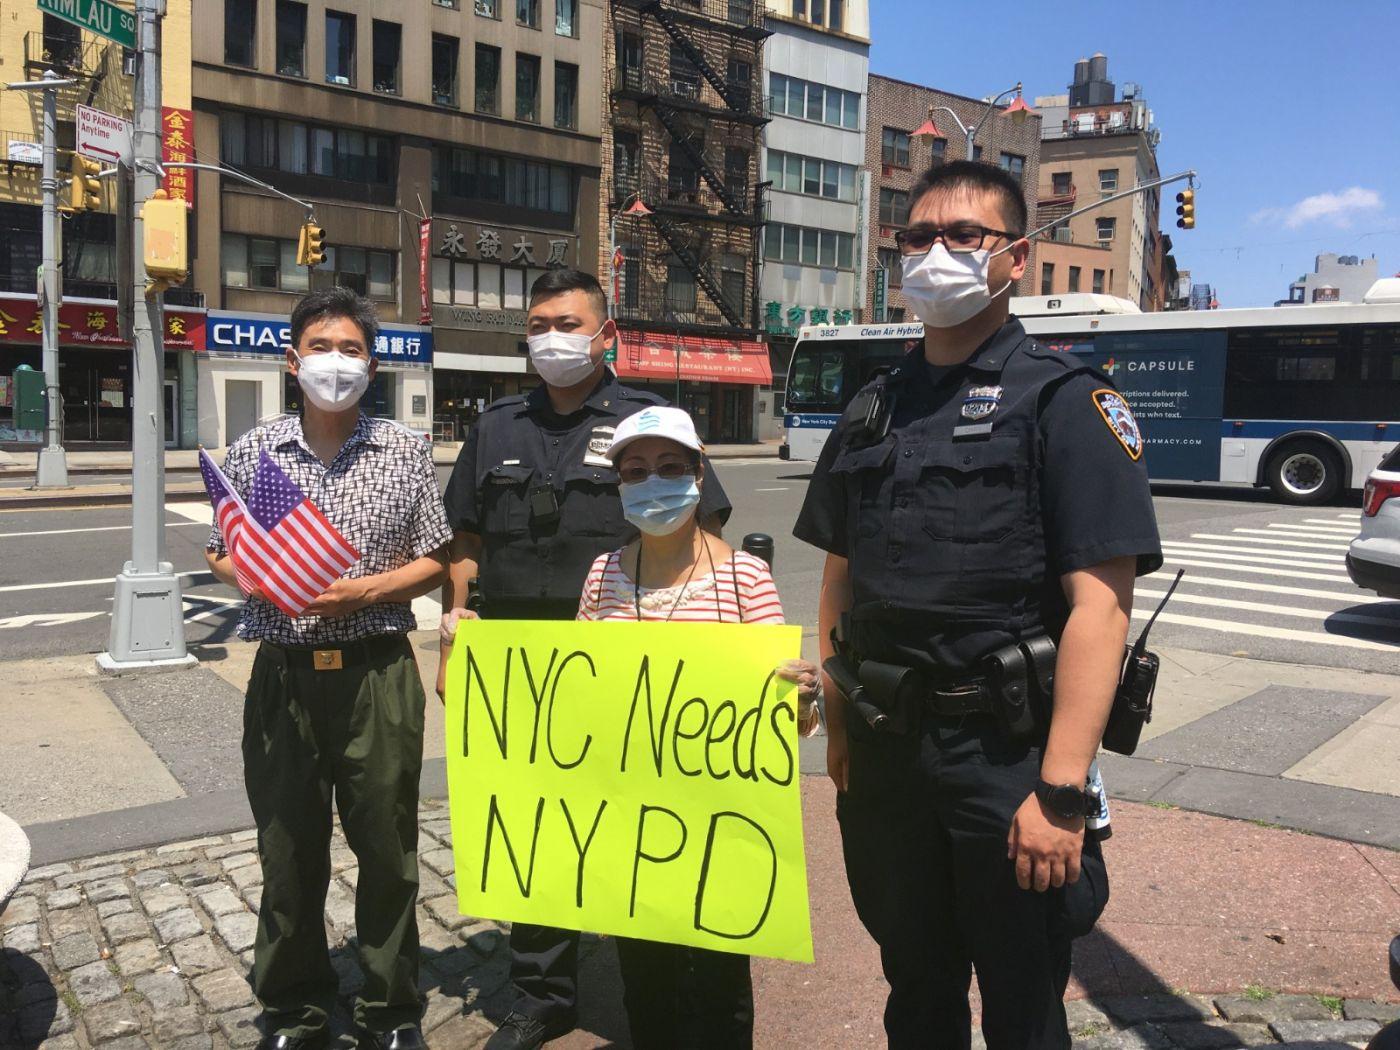 纽约华埠侨团声援支持纽约警察活动_图1-17